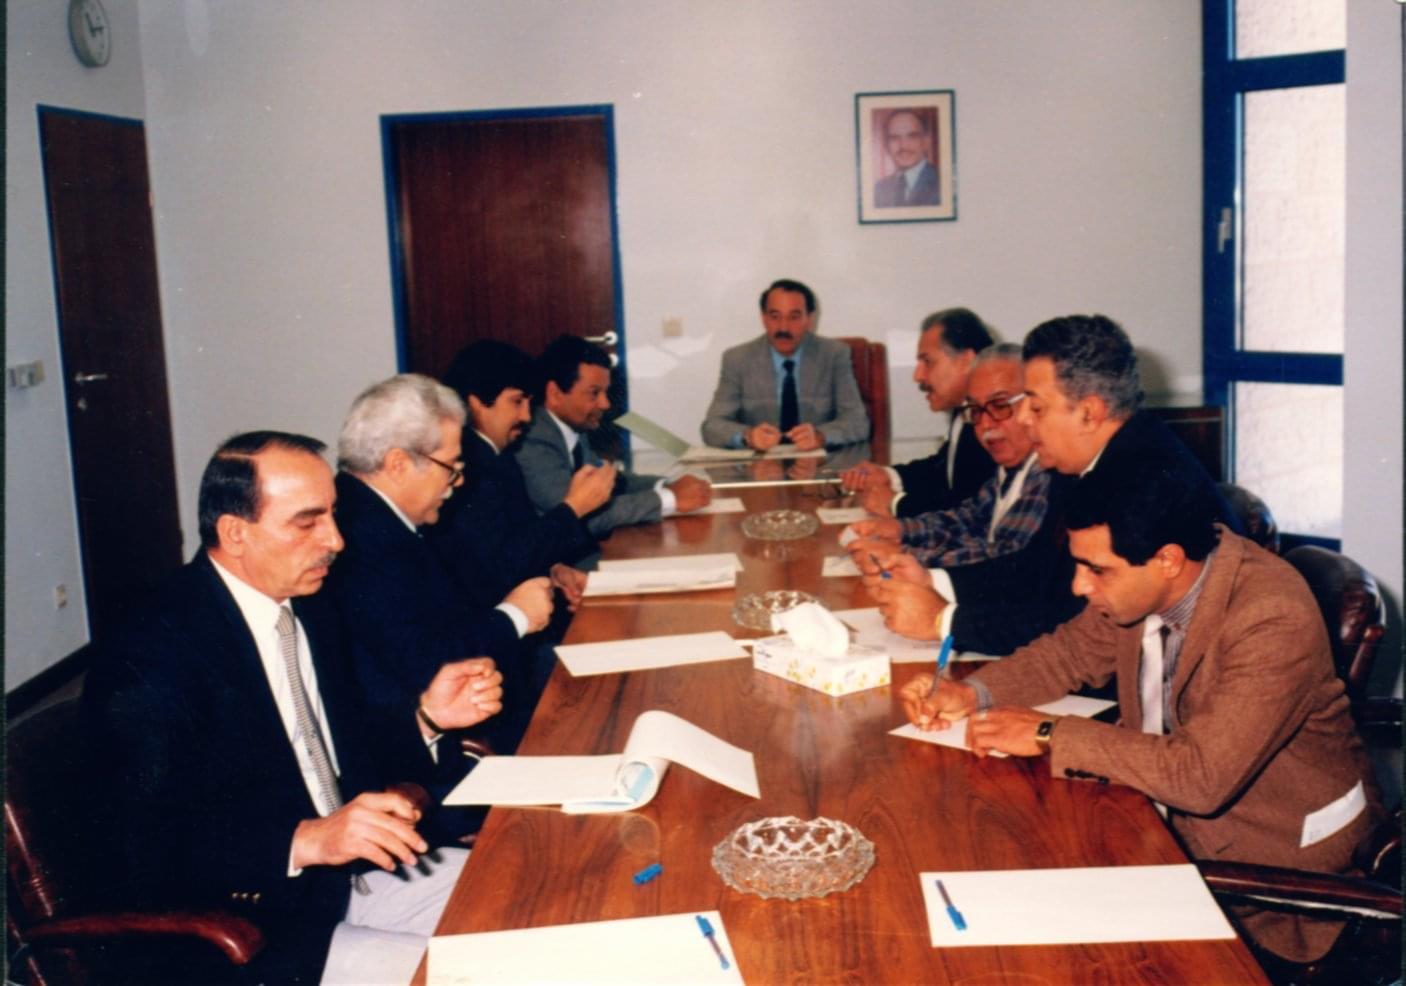 جواد مرقة أول رئيس لاتحاد المنتجين الأردنيين لأعمال التليفزيون 1989.